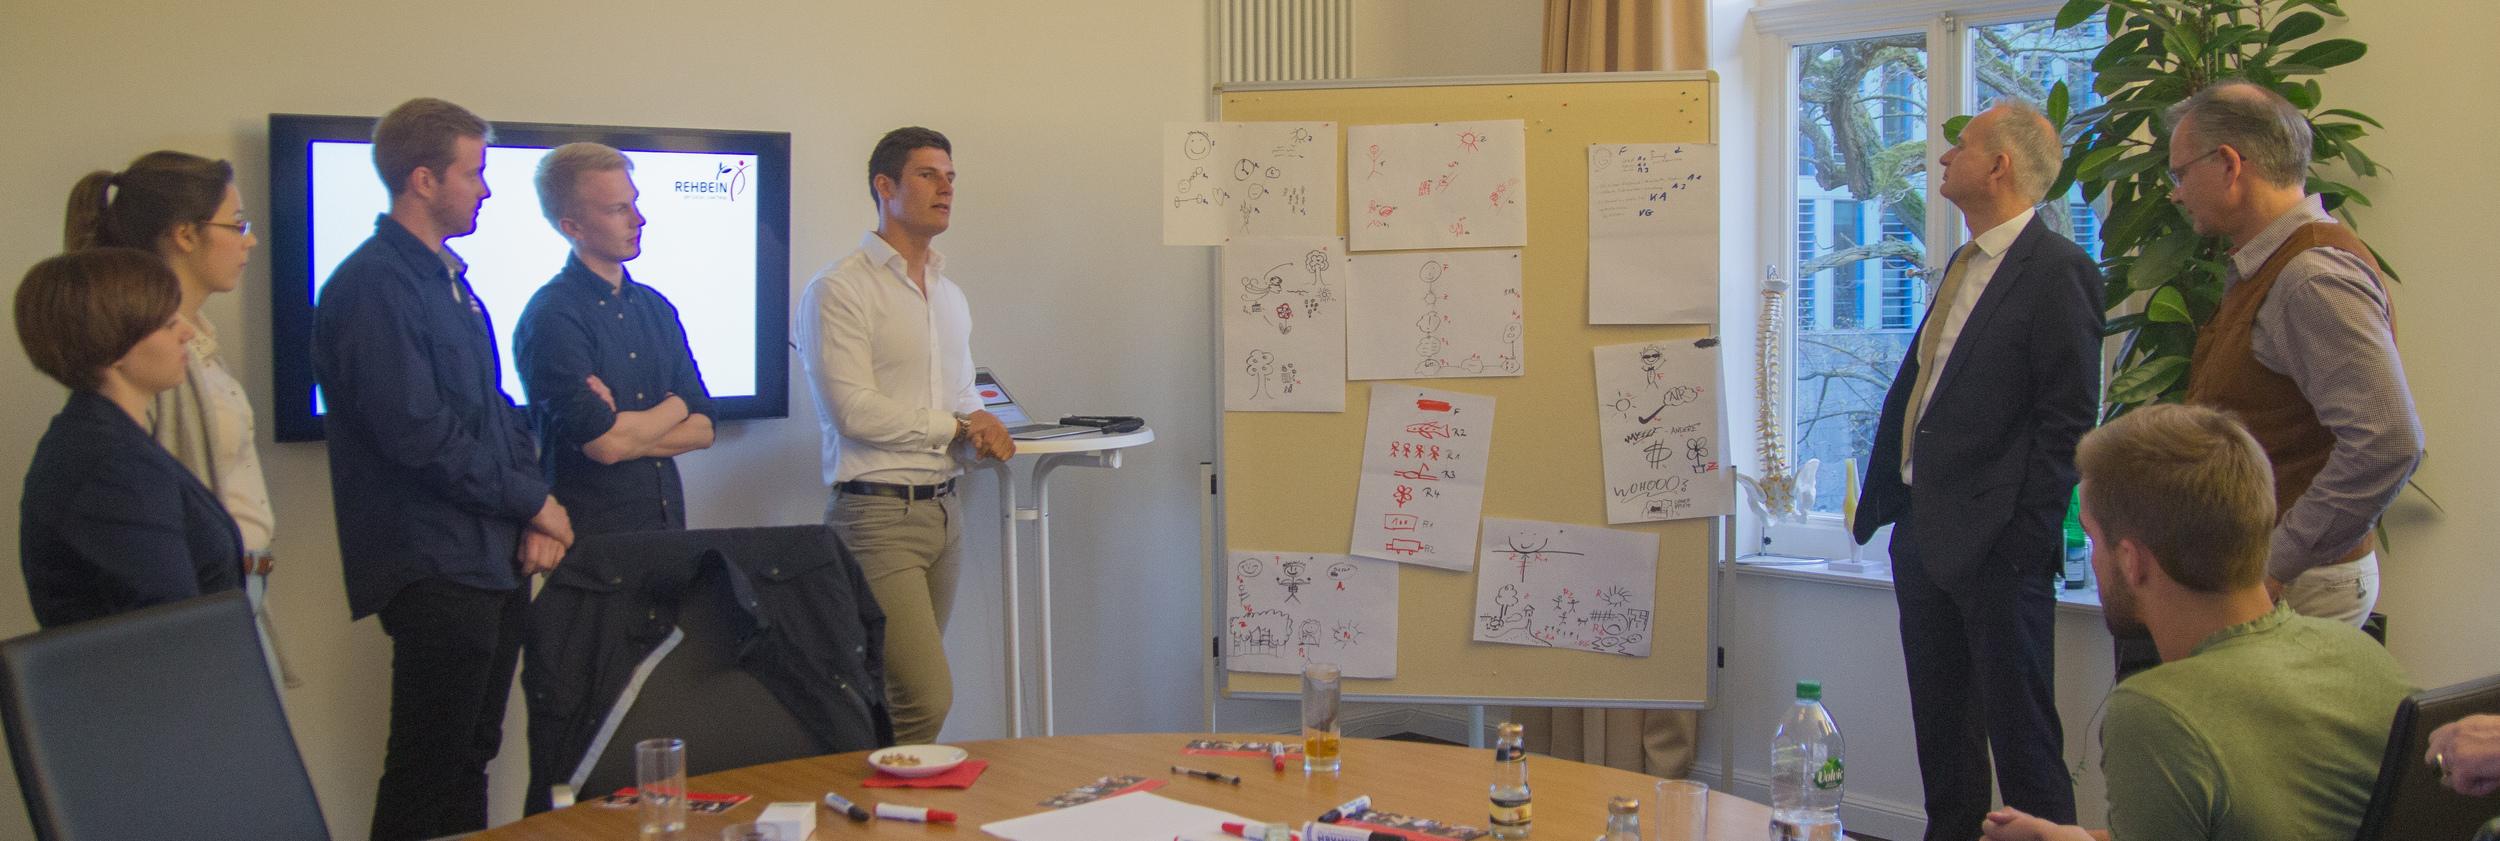 Seminar Neue Wege (42 von 82).jpg